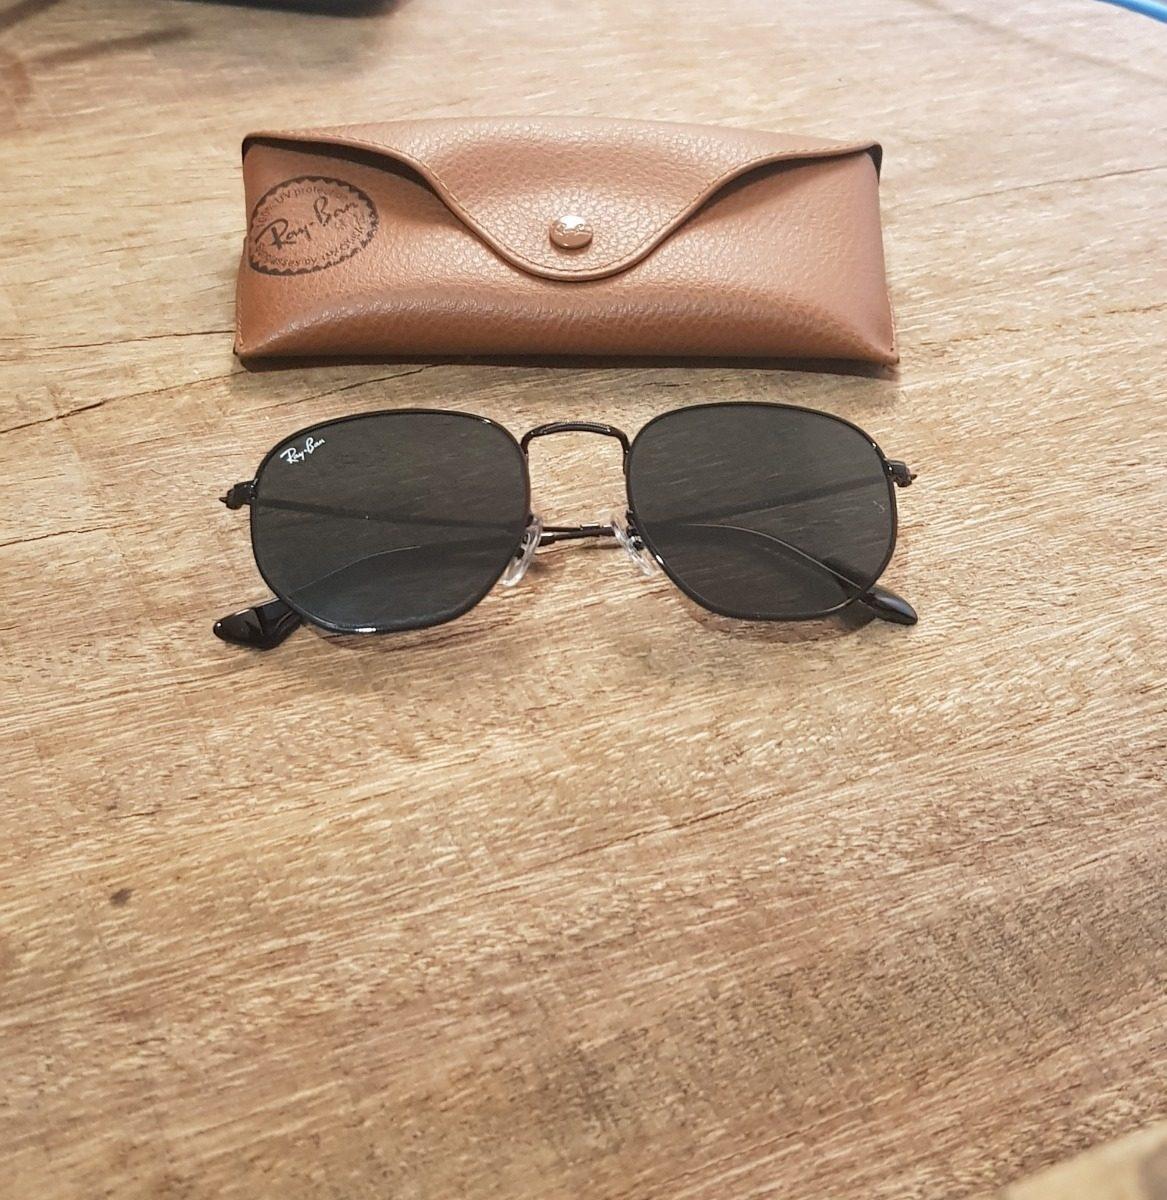 9fa37ed97d32a Óculos Ray Ban Rb3548 Hexagonal Preto Com Dourado 51 - R  350,00 em ...